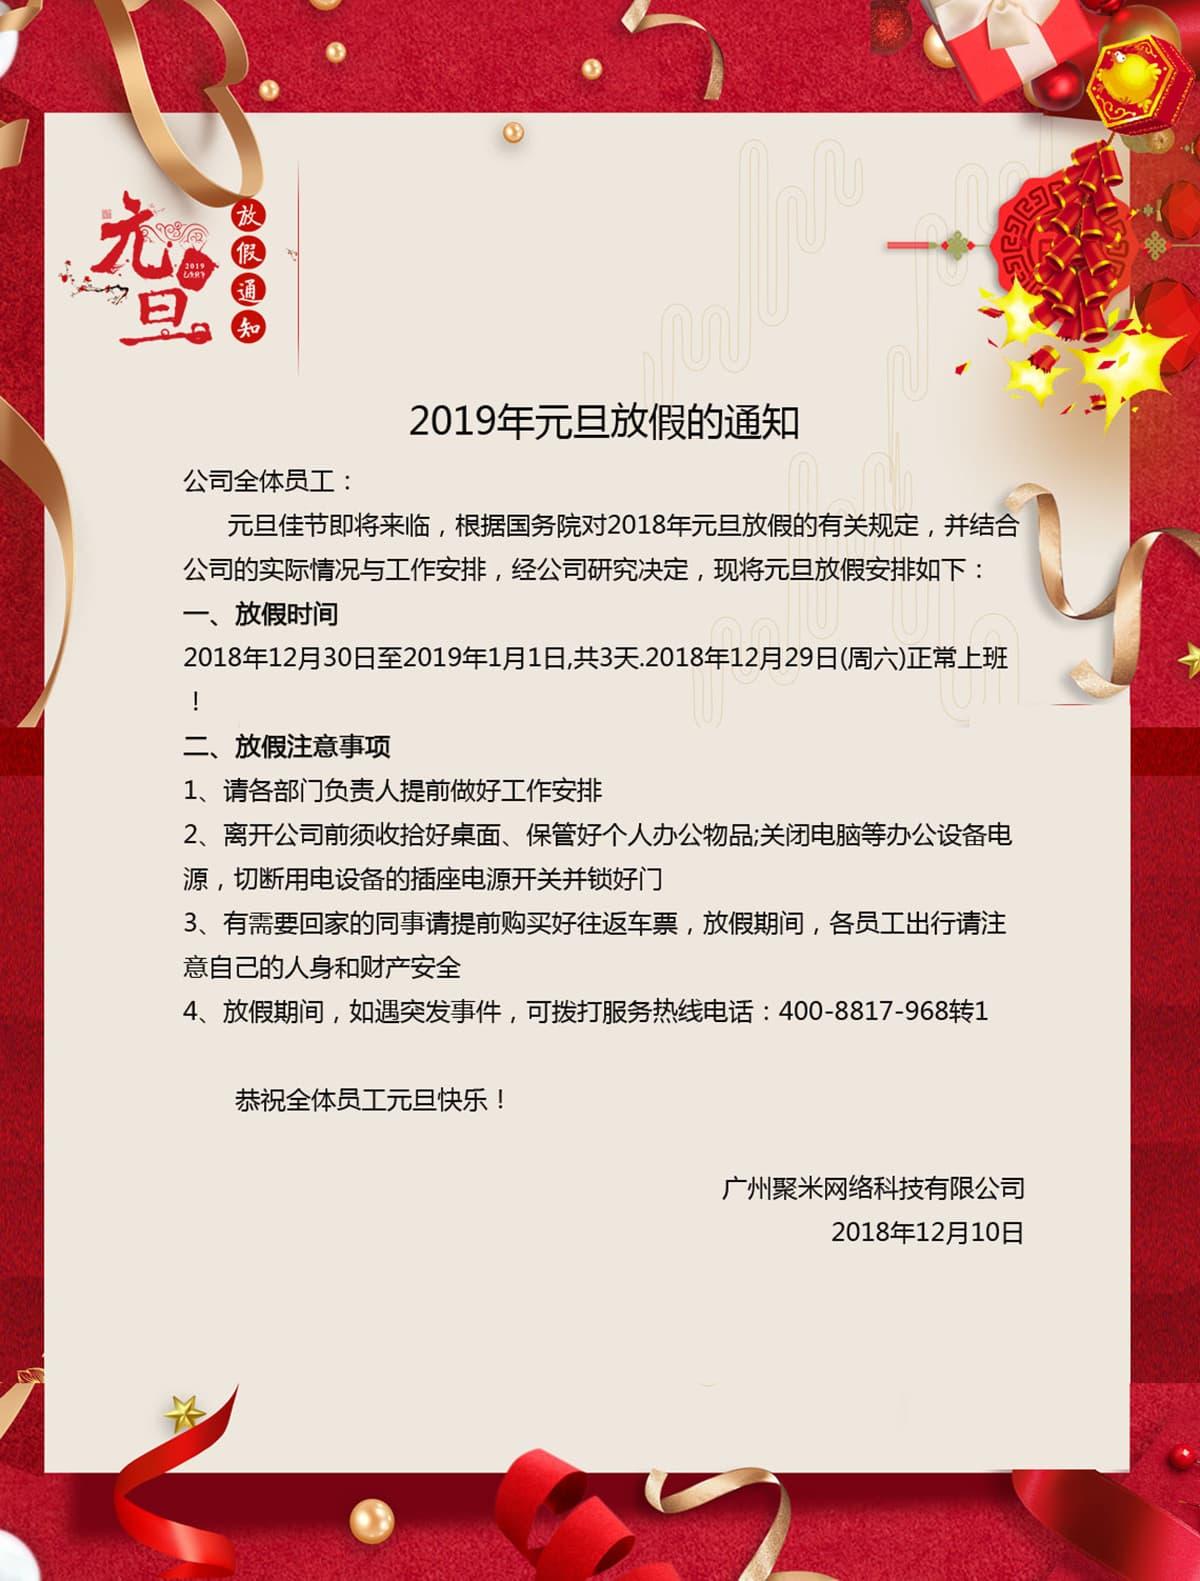 2019年聚米网络元旦放假通知